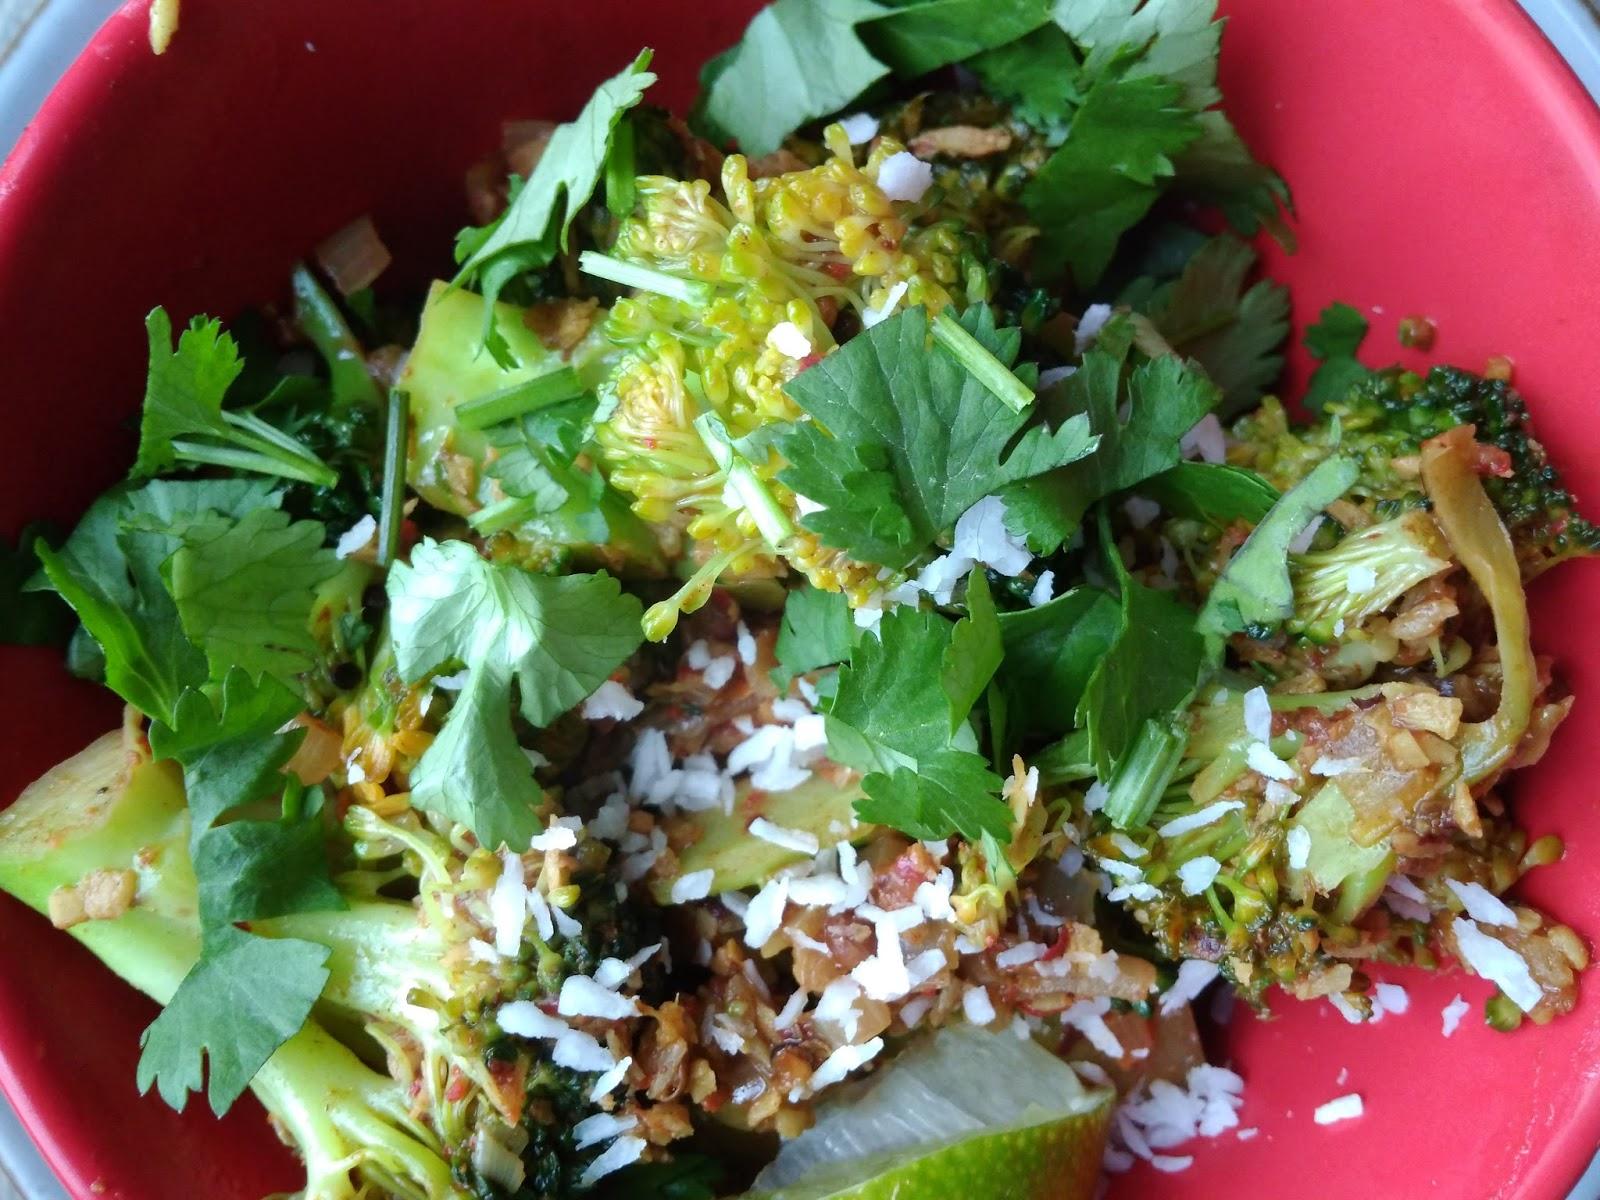 Brokuły z patelni z kokosem, limonką i kolendrą